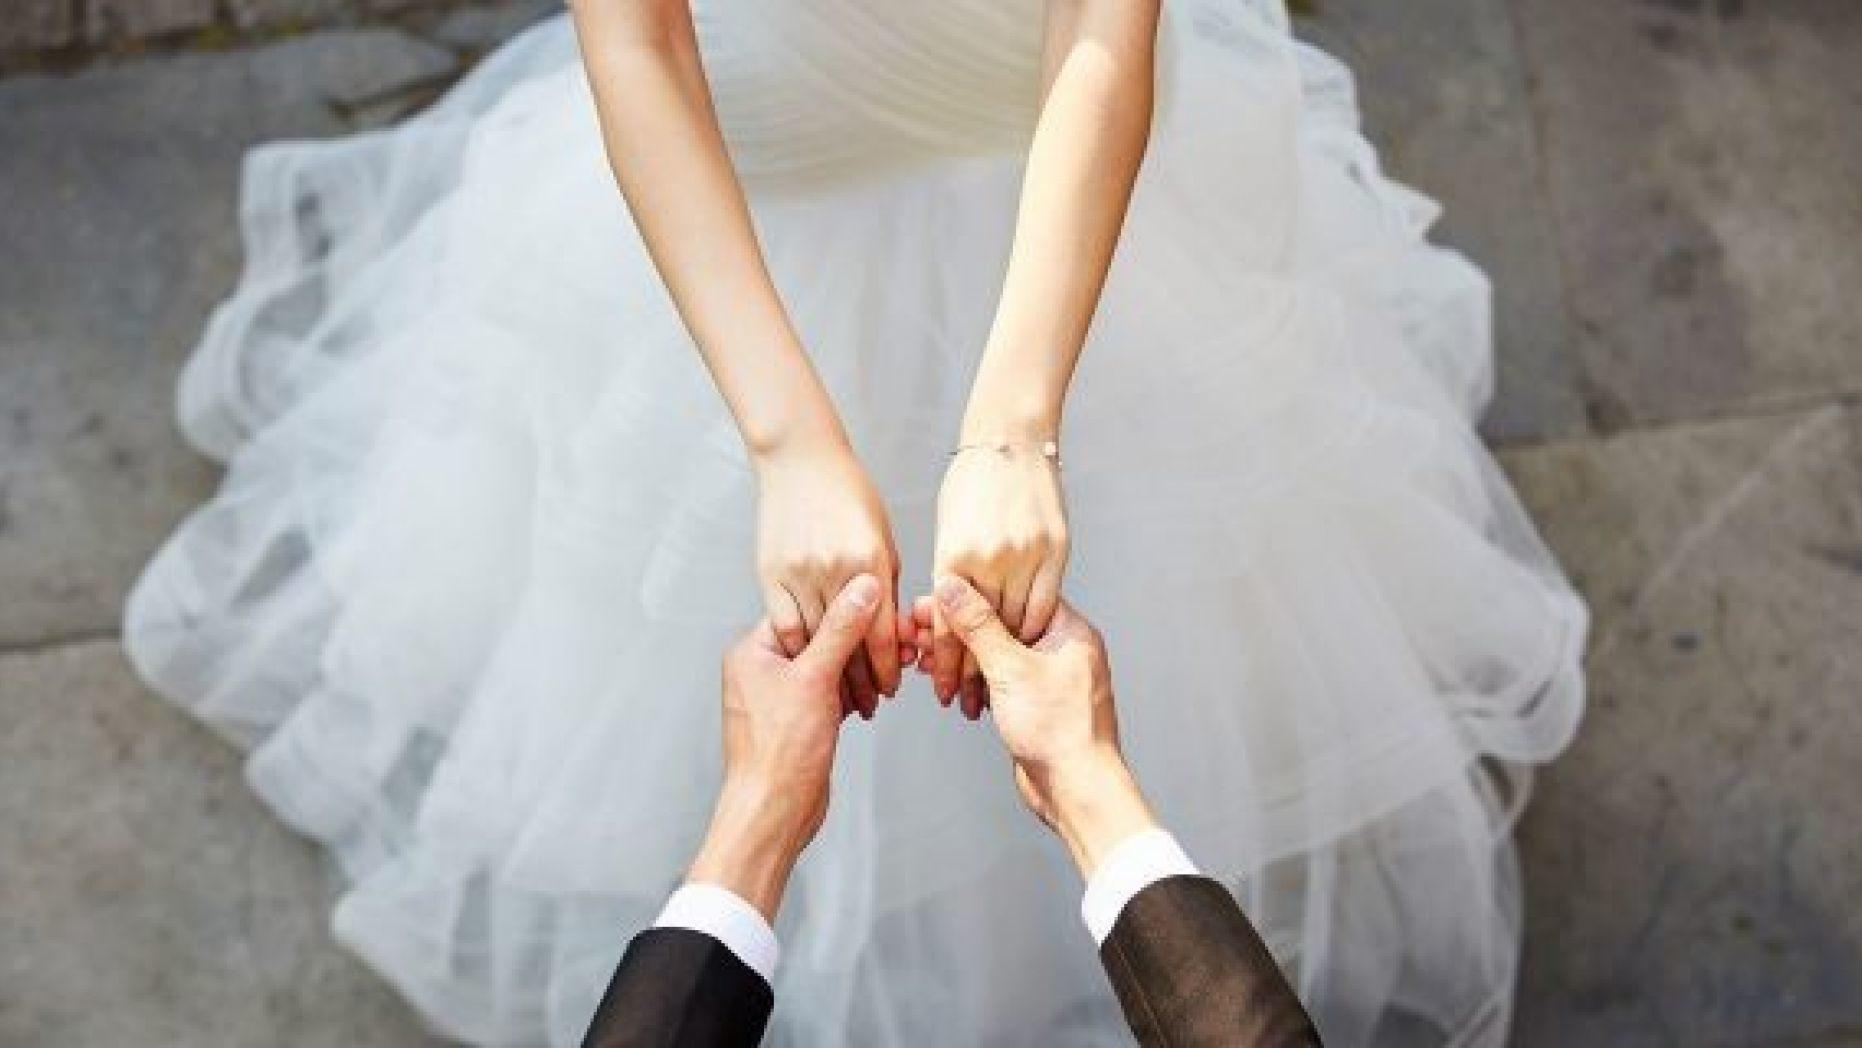 福建男子與妻子結婚2個月後,意外發現對方原來是表妹。 示意圖